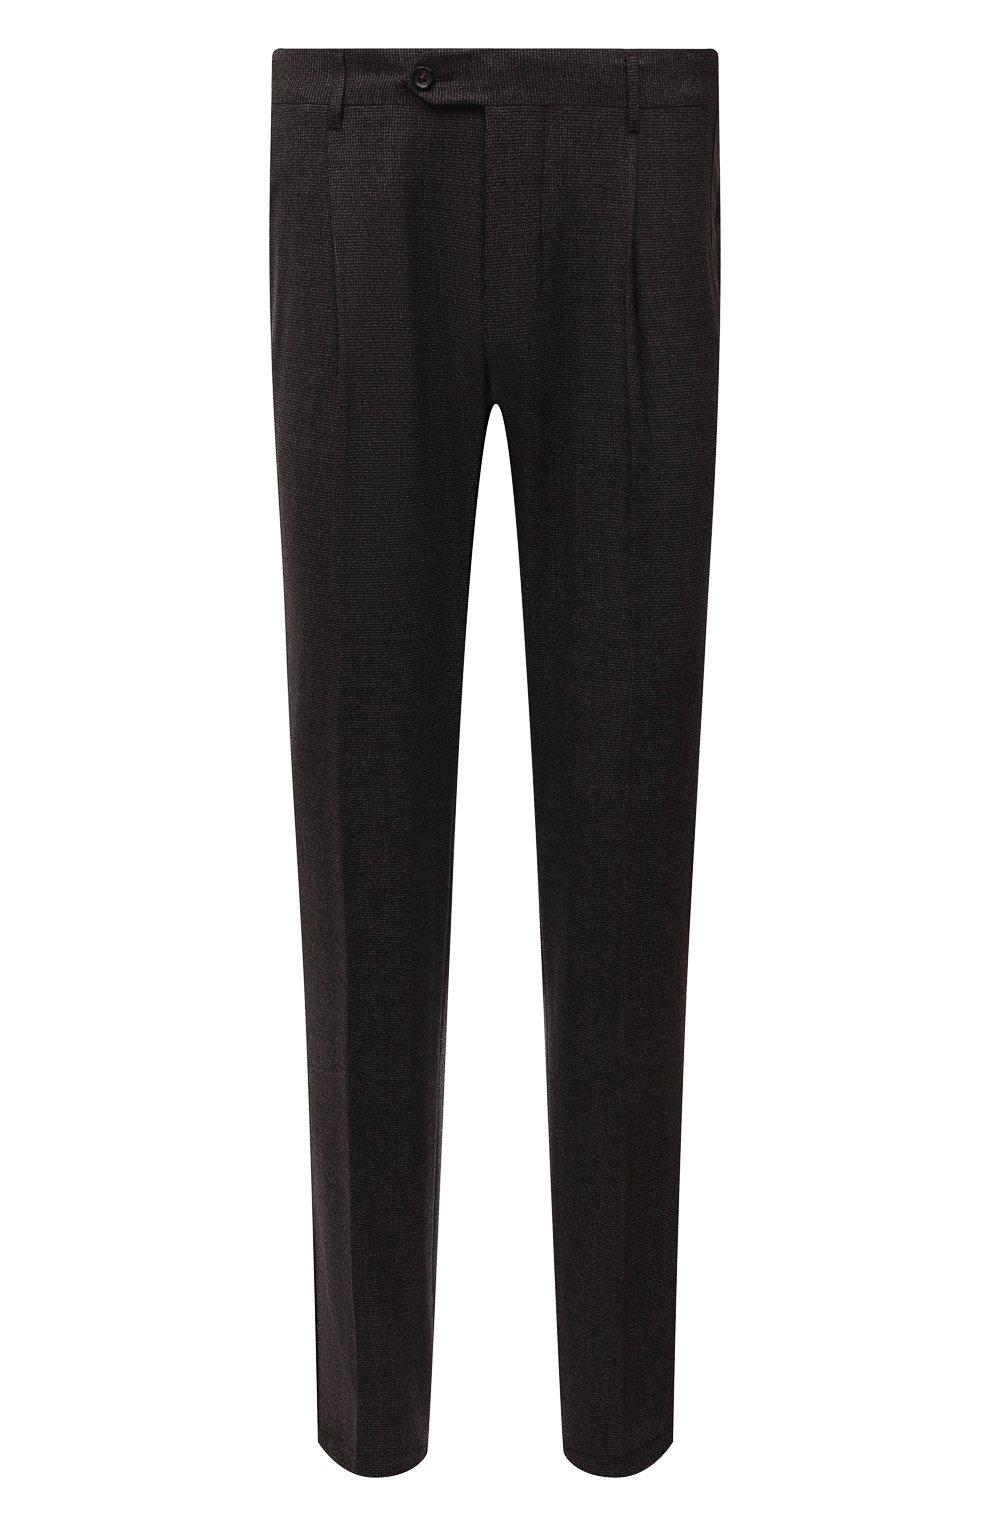 Мужские шерстяные брюки CORNELIANI коричневого цвета, арт. 884L08-1817520/00 | Фото 1 (Материал внешний: Шерсть; Длина (брюки, джинсы): Стандартные; Случай: Формальный; Стили: Кэжуэл)